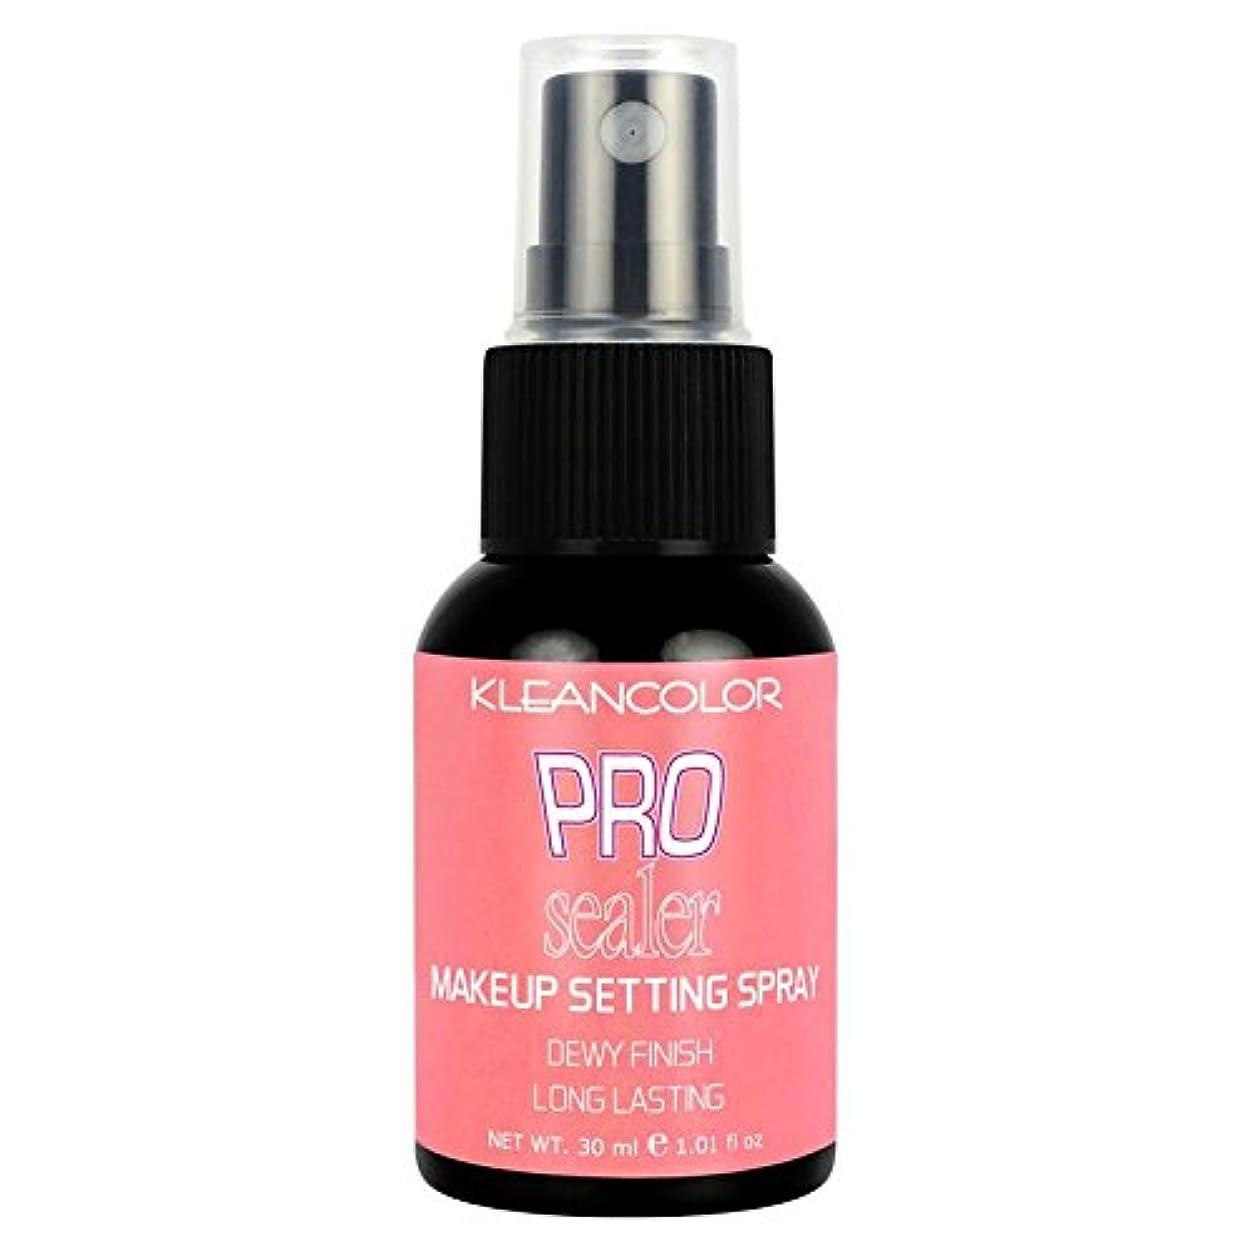 ベイビースリーブ放棄する(3 Pack) KLEANCOLOR Pro Sealer Makeup Setting Spray - Dewy Finish (並行輸入品)